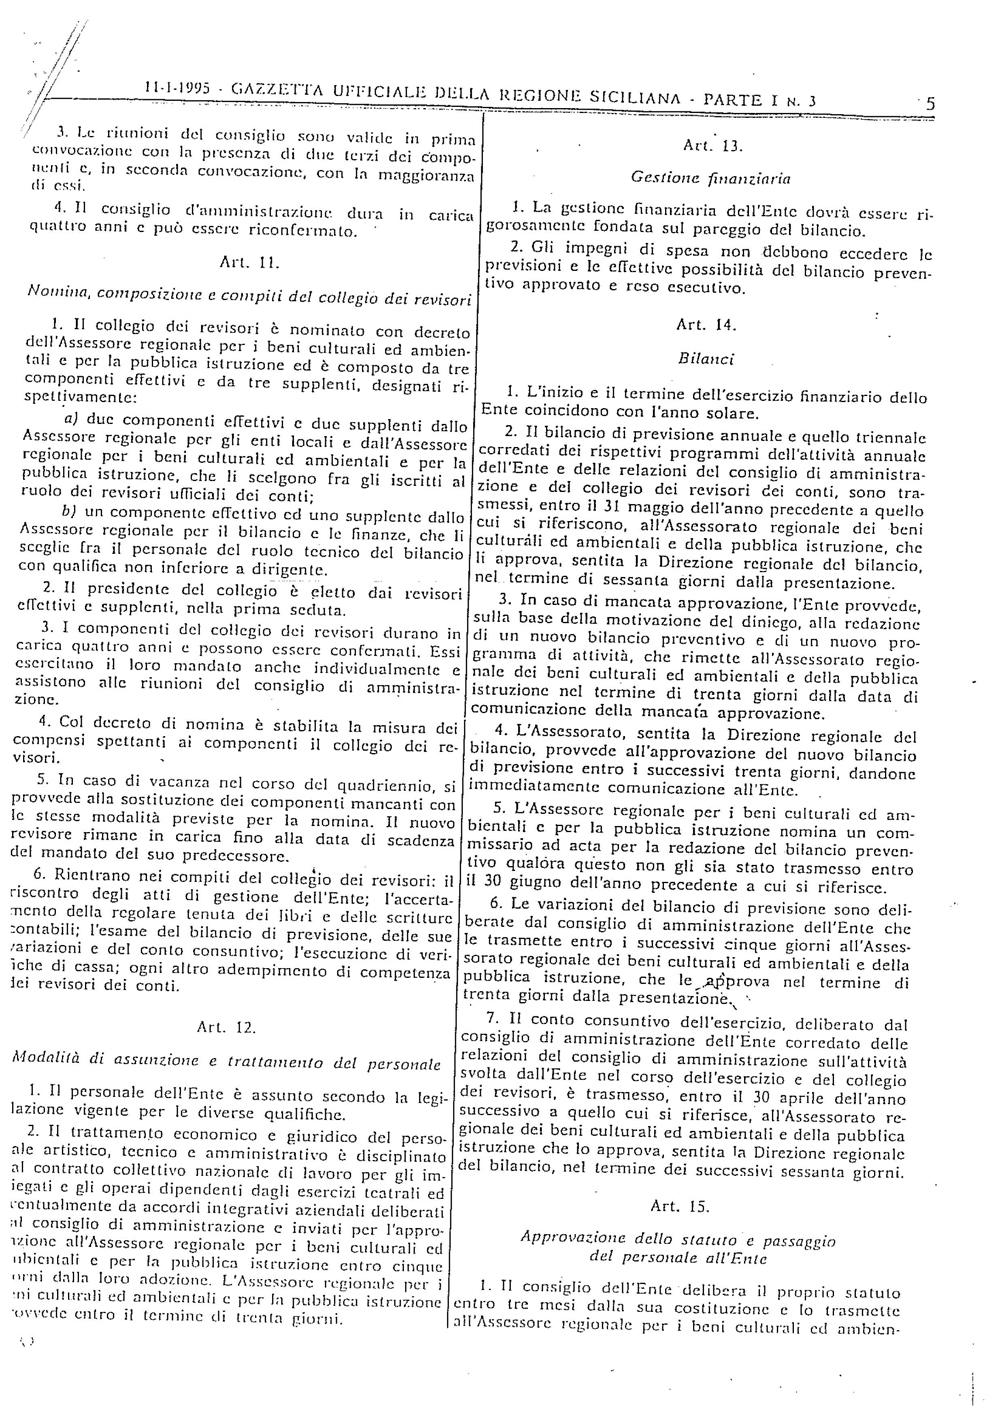 Legge 10 gennaio 1995 n. 4_Pagina_4